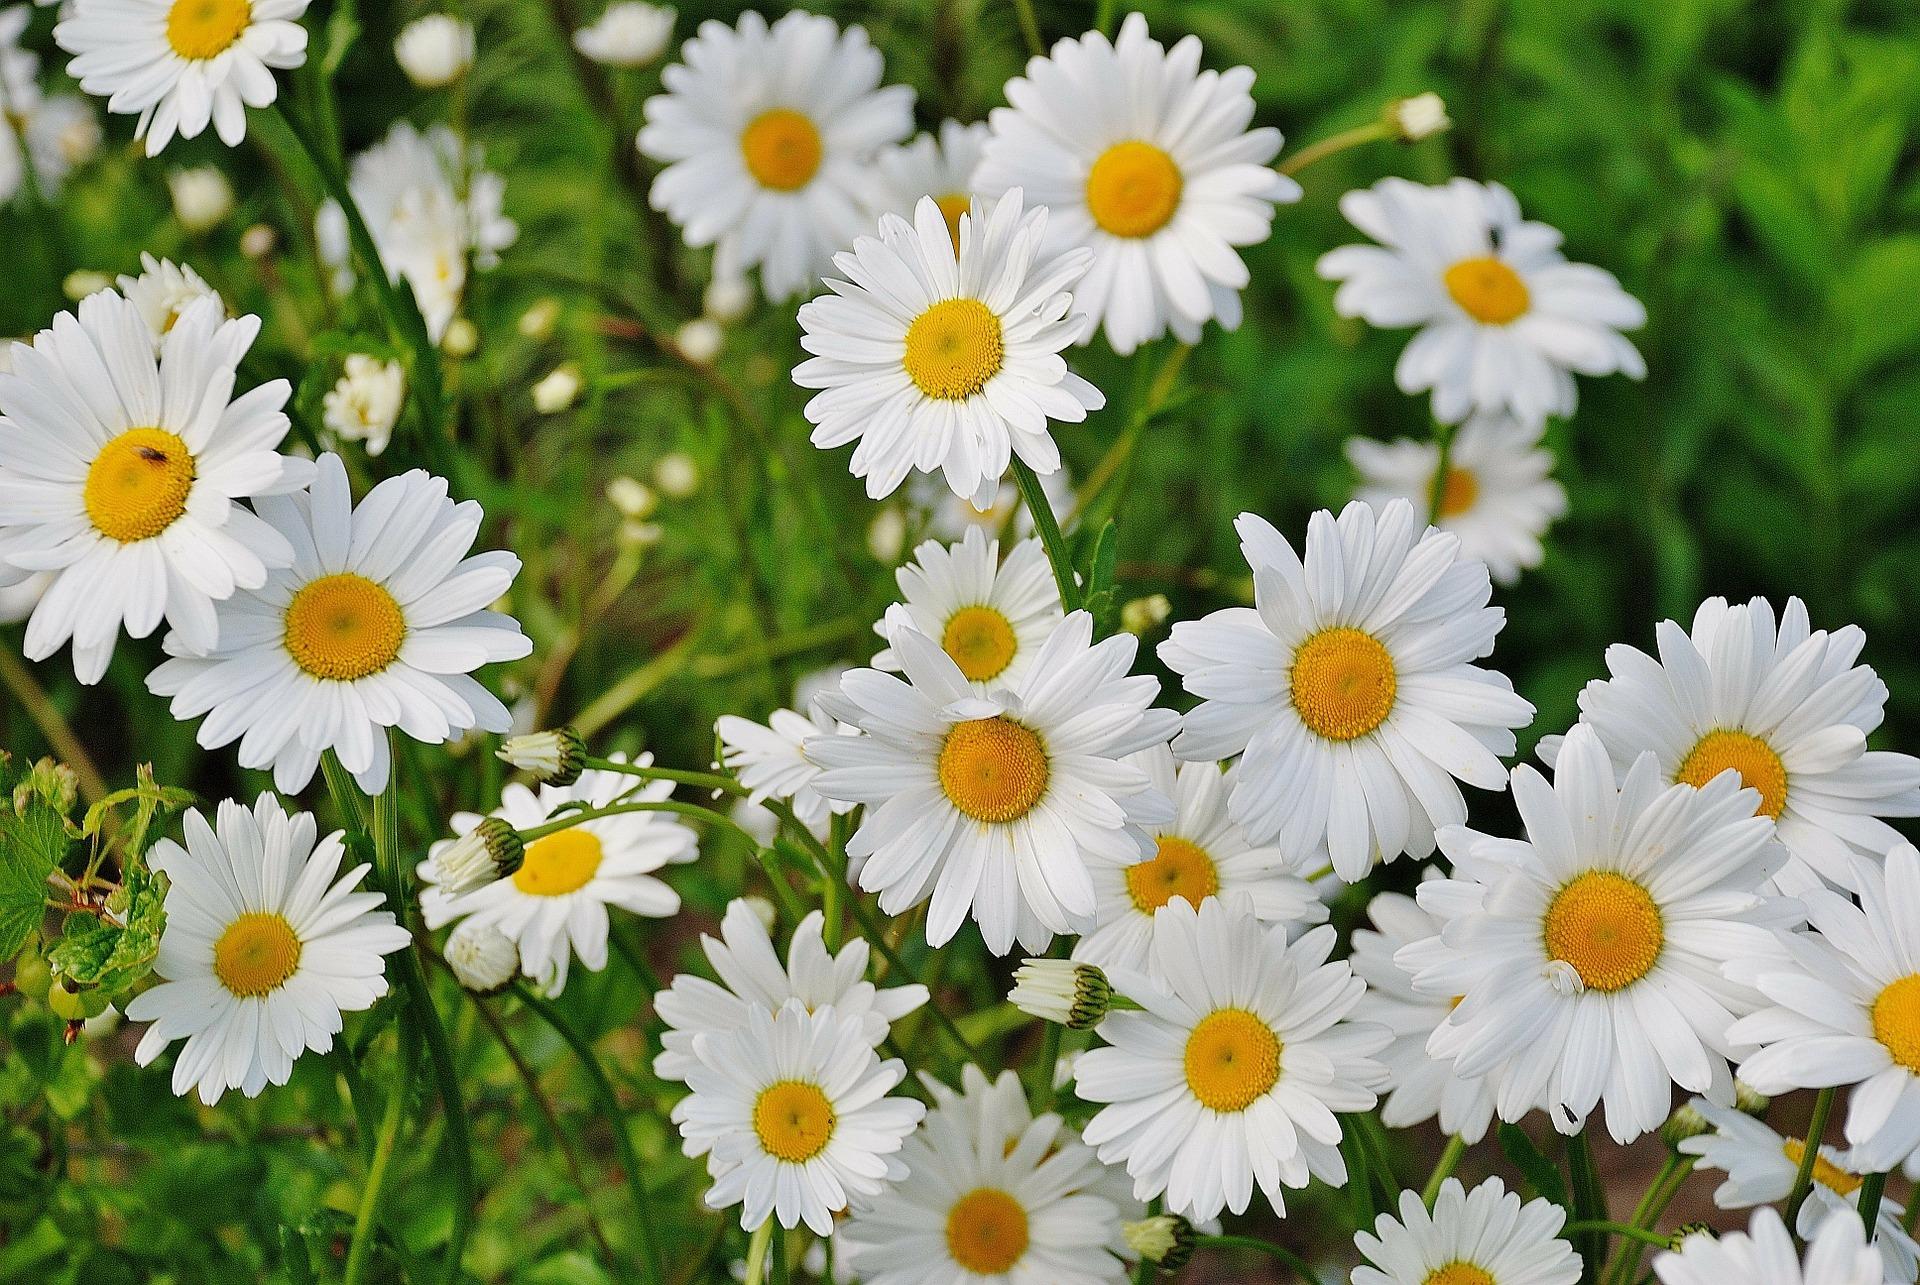 Hình ảnh cánh đồng hoa xuyến chi đẹp và ngọt ngào nhất